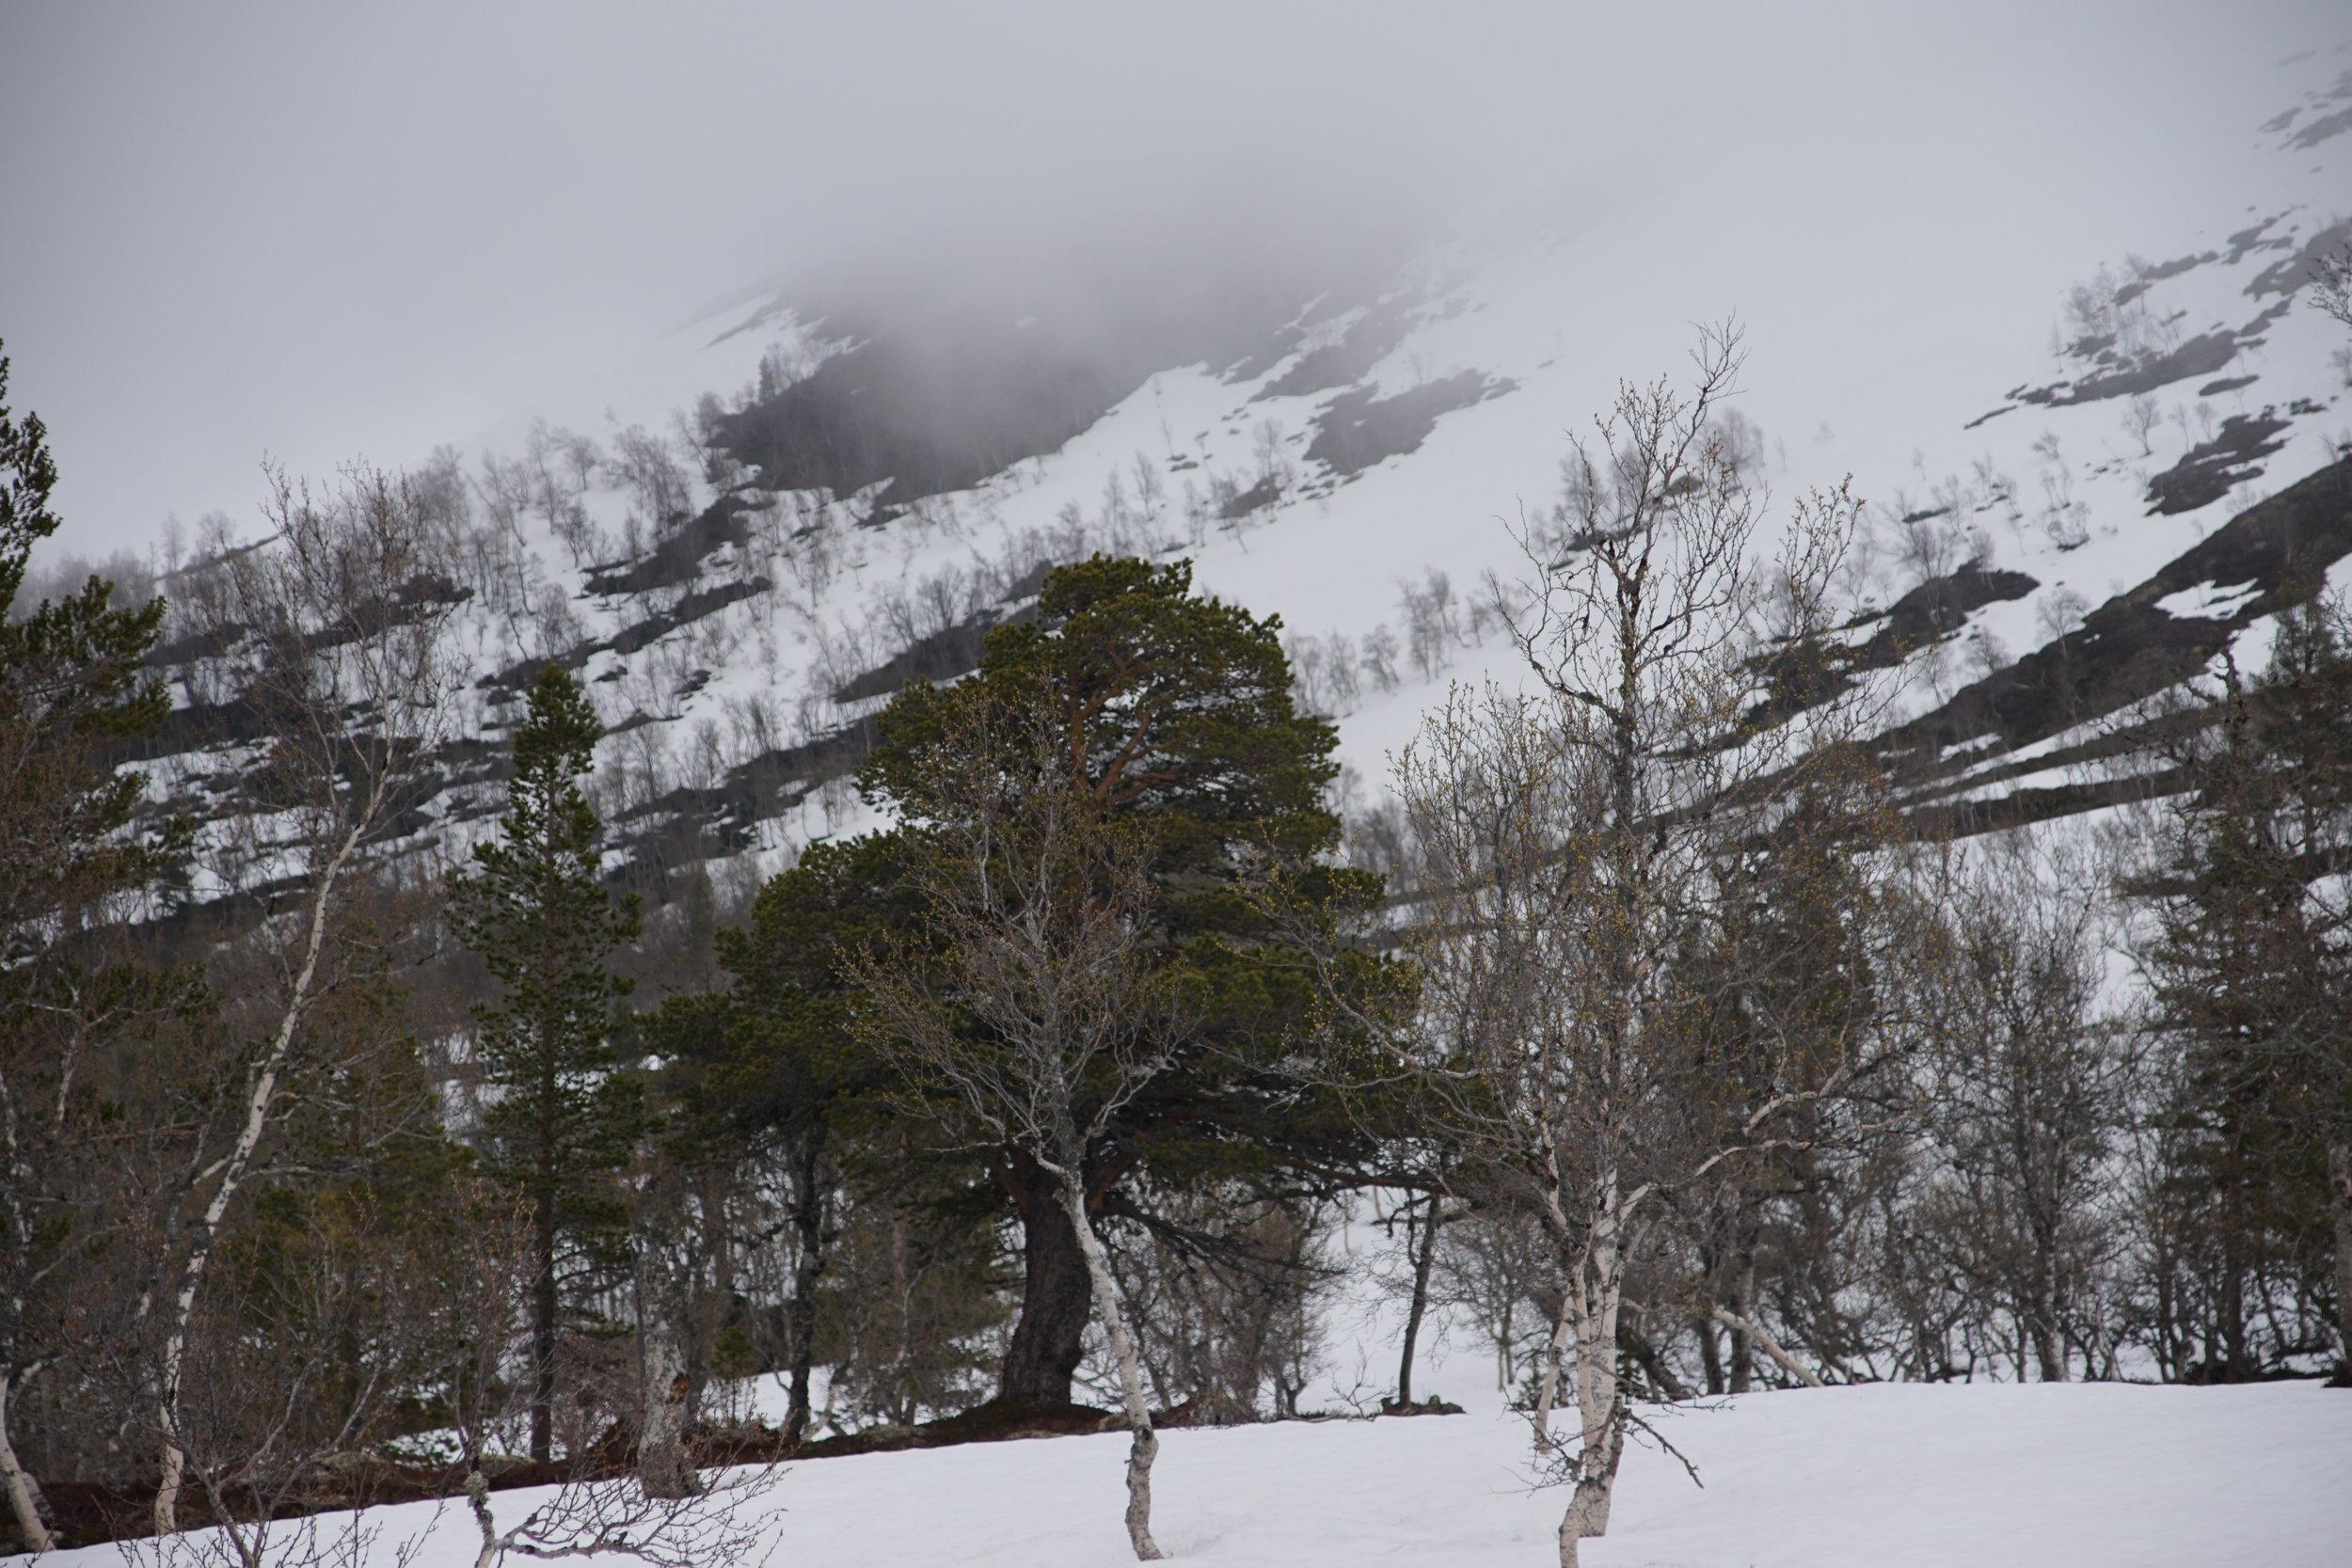 - En tur i fjellskogen, gir fred i sjelen -